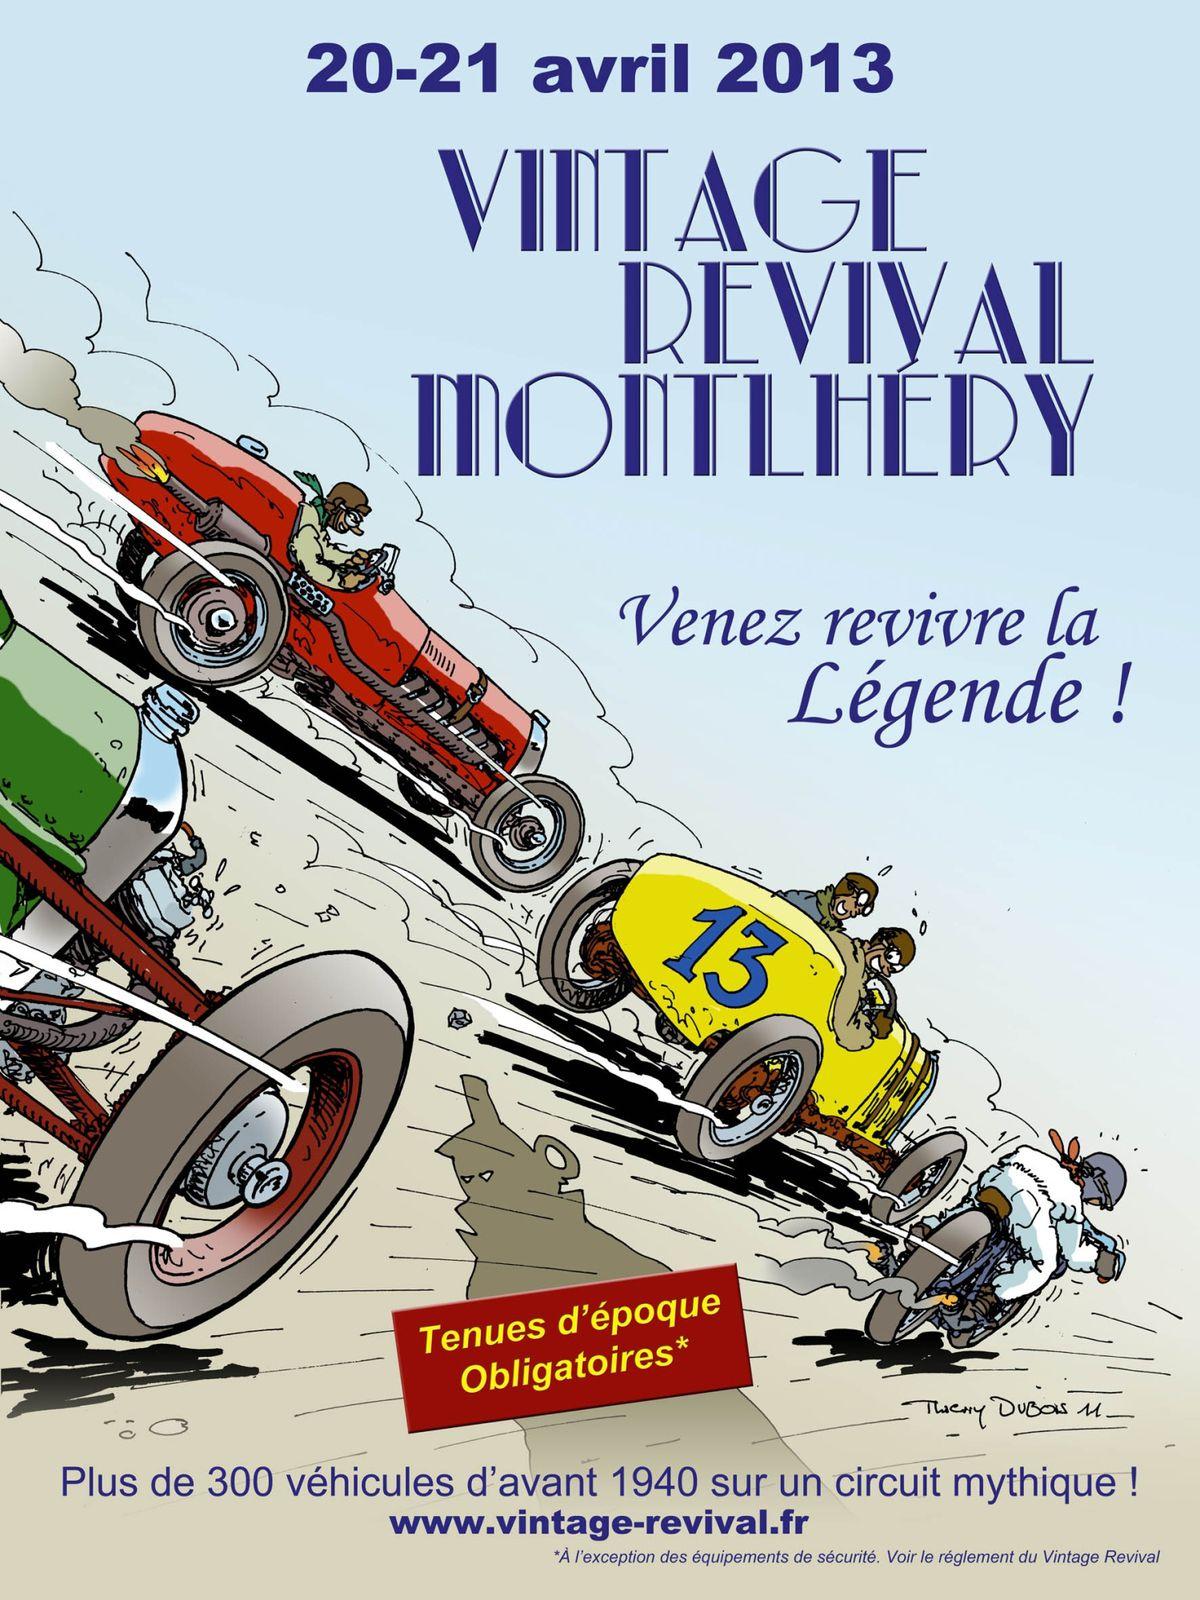 Vintage Revival à Montlhéry les 20 et 21 avril 2013